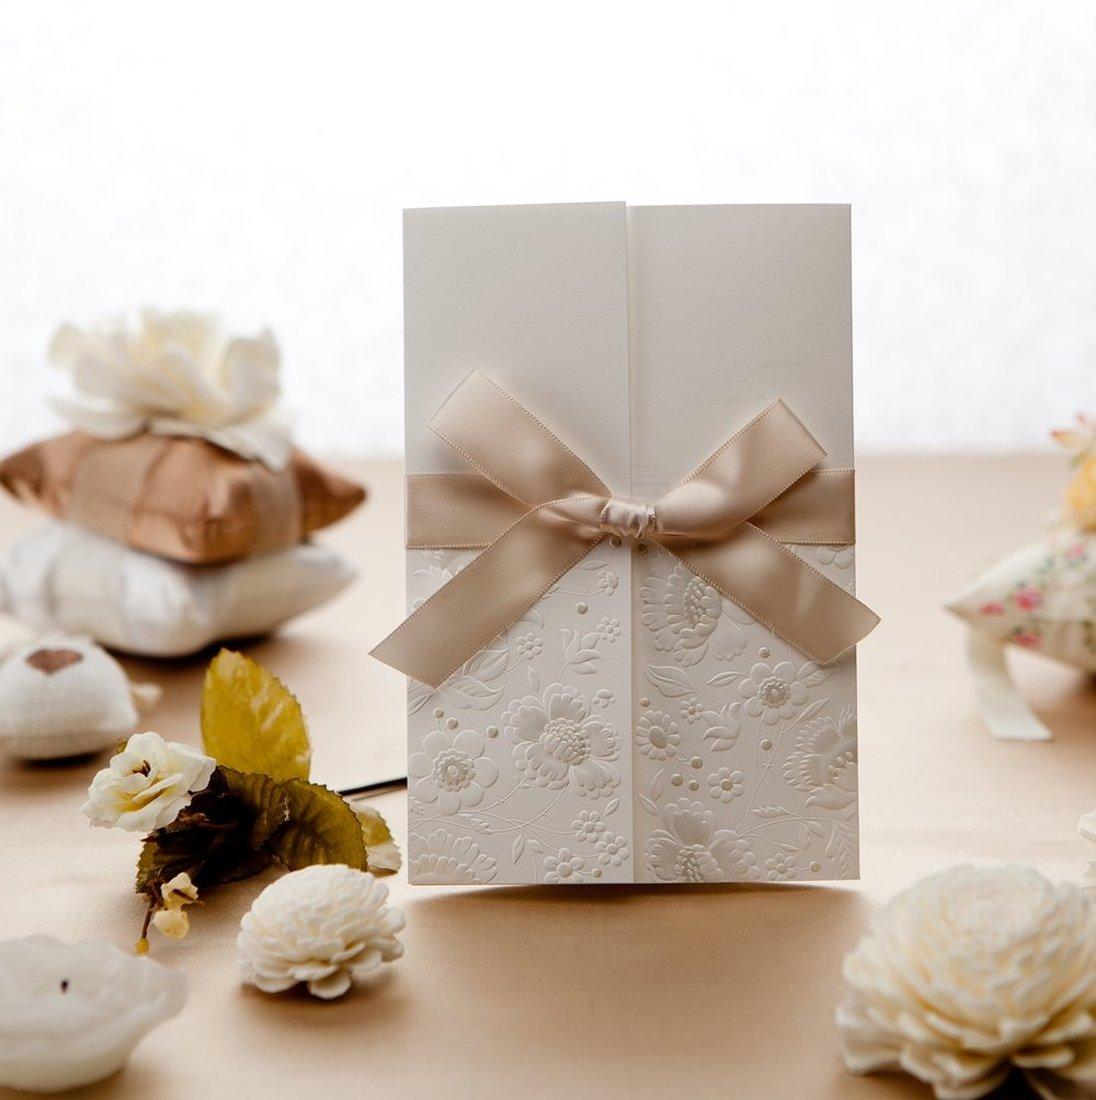 2 uds. Elegantes tarjetas de invitación de boda de tres pliegues en relieve Vintage, tarjeta de cumpleaños acrílica con sobres y diseño de lazo